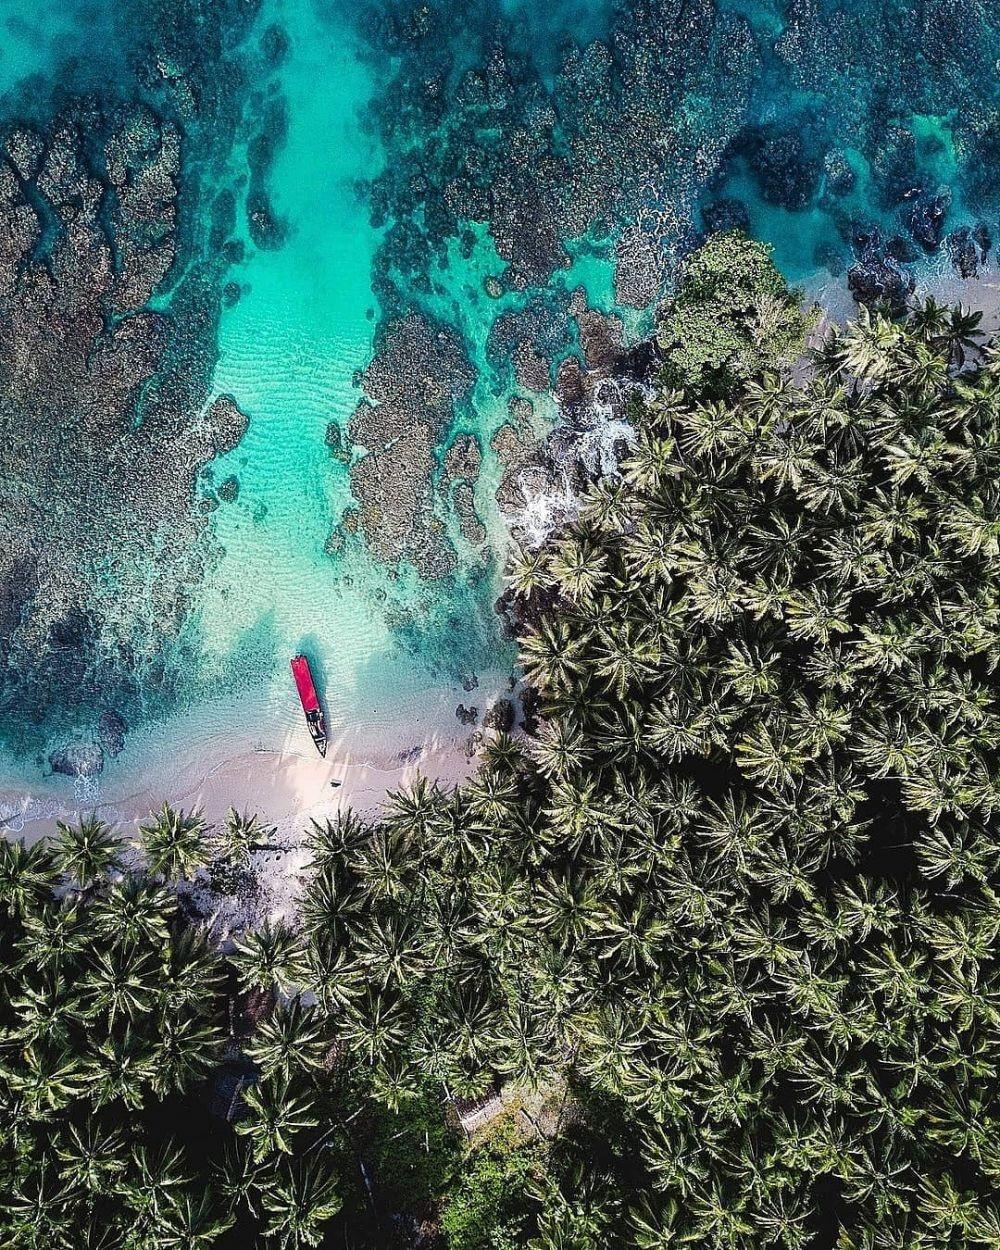 Rekomendasi 10 Pulau Tercantik di Indonesia, Ada Surga Peselancar